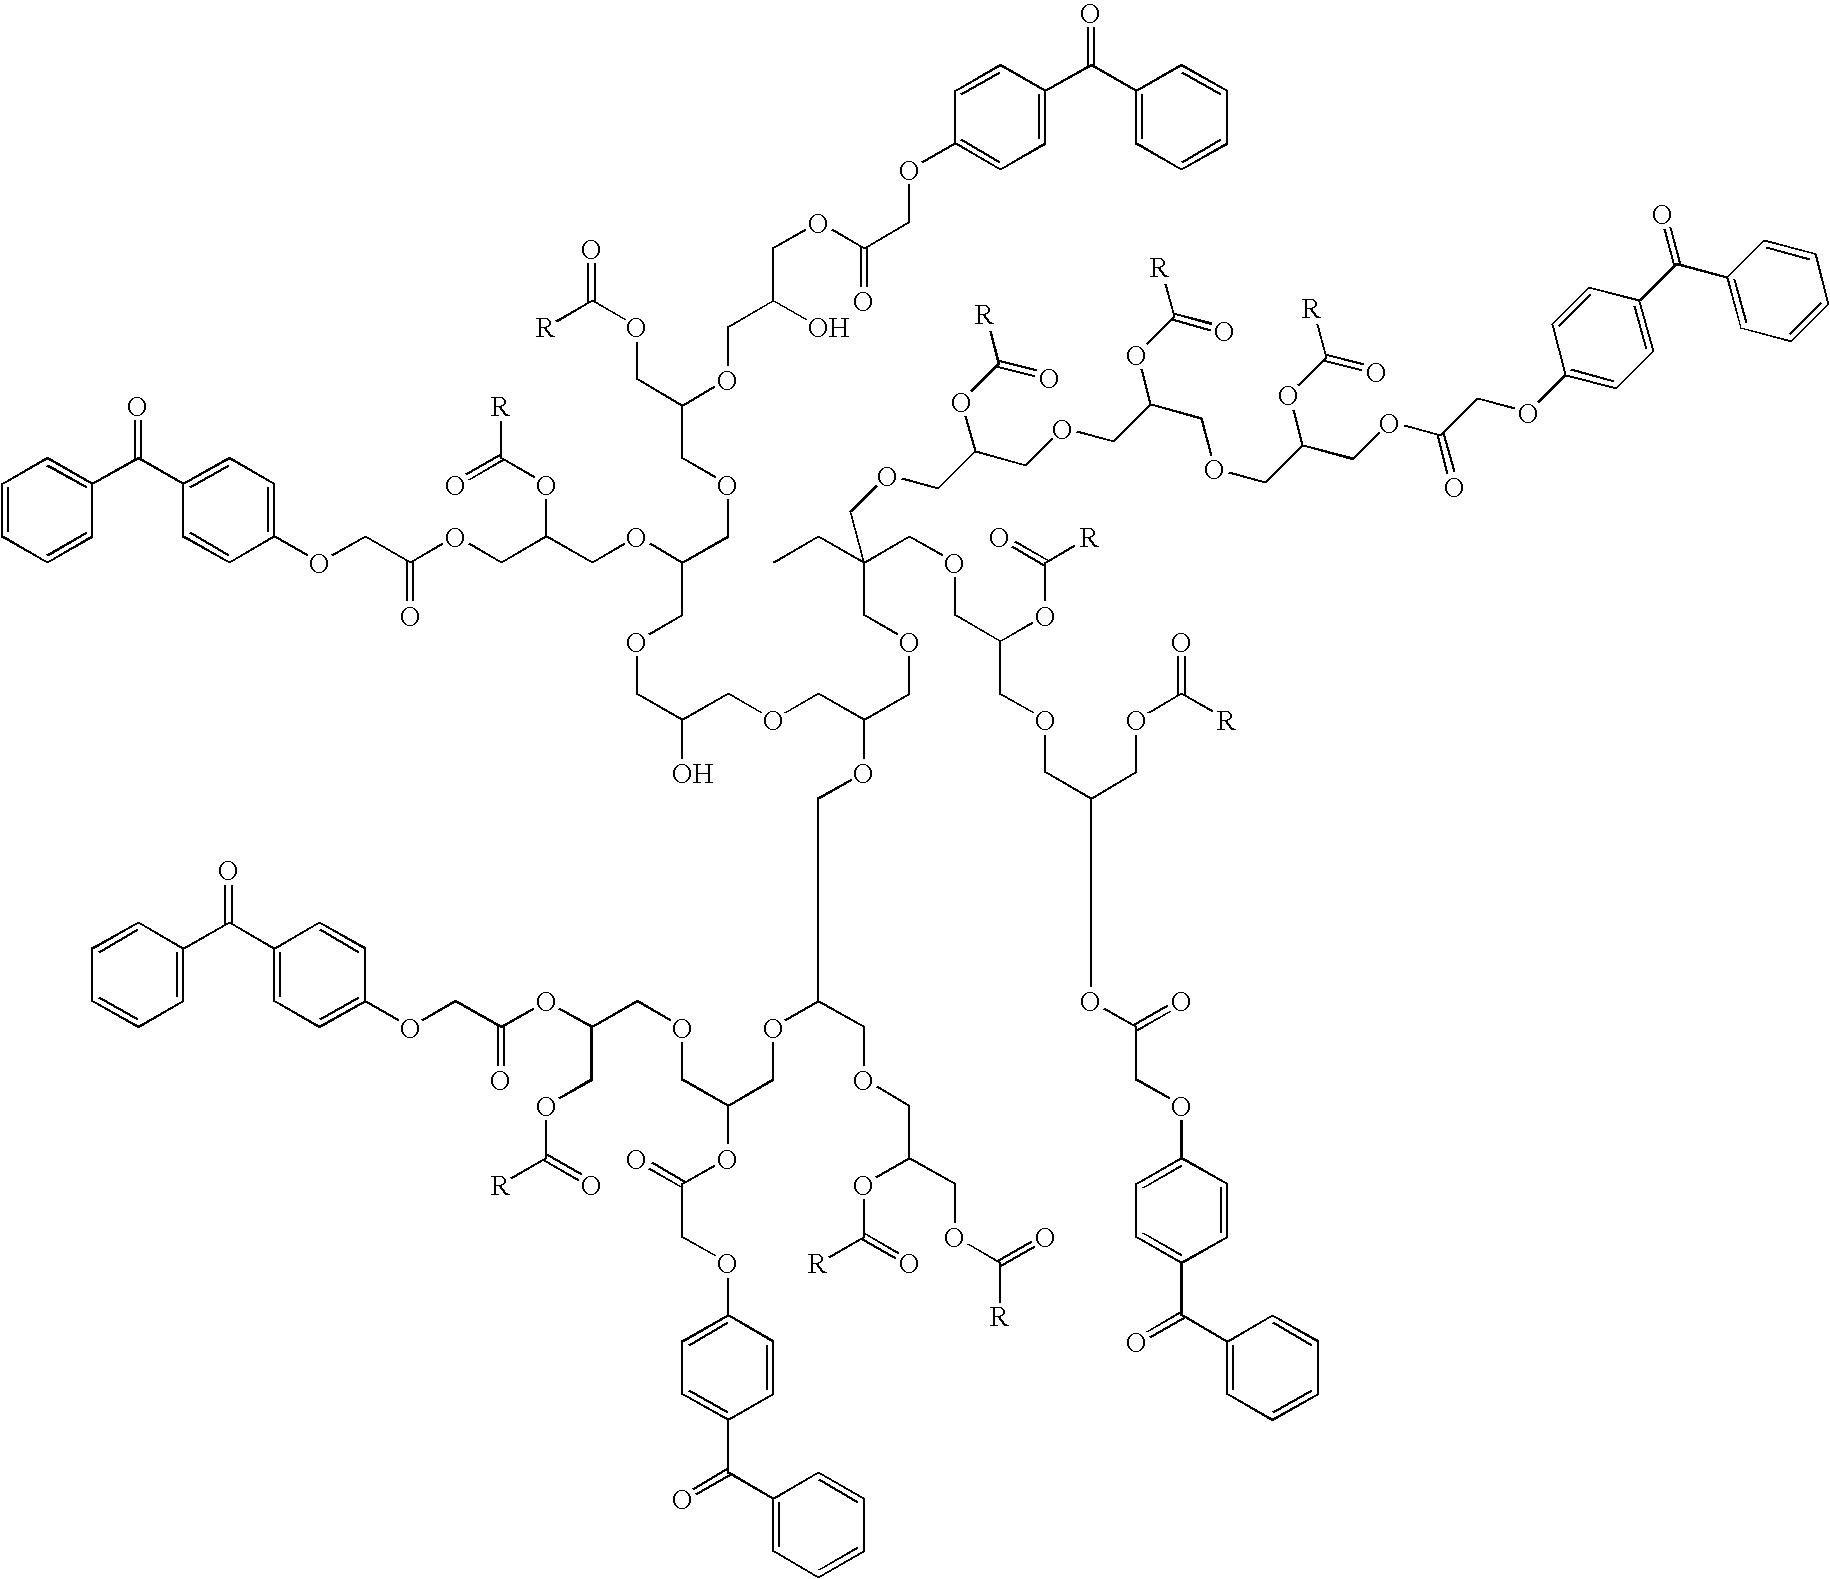 Figure US20060014850A1-20060119-C00028